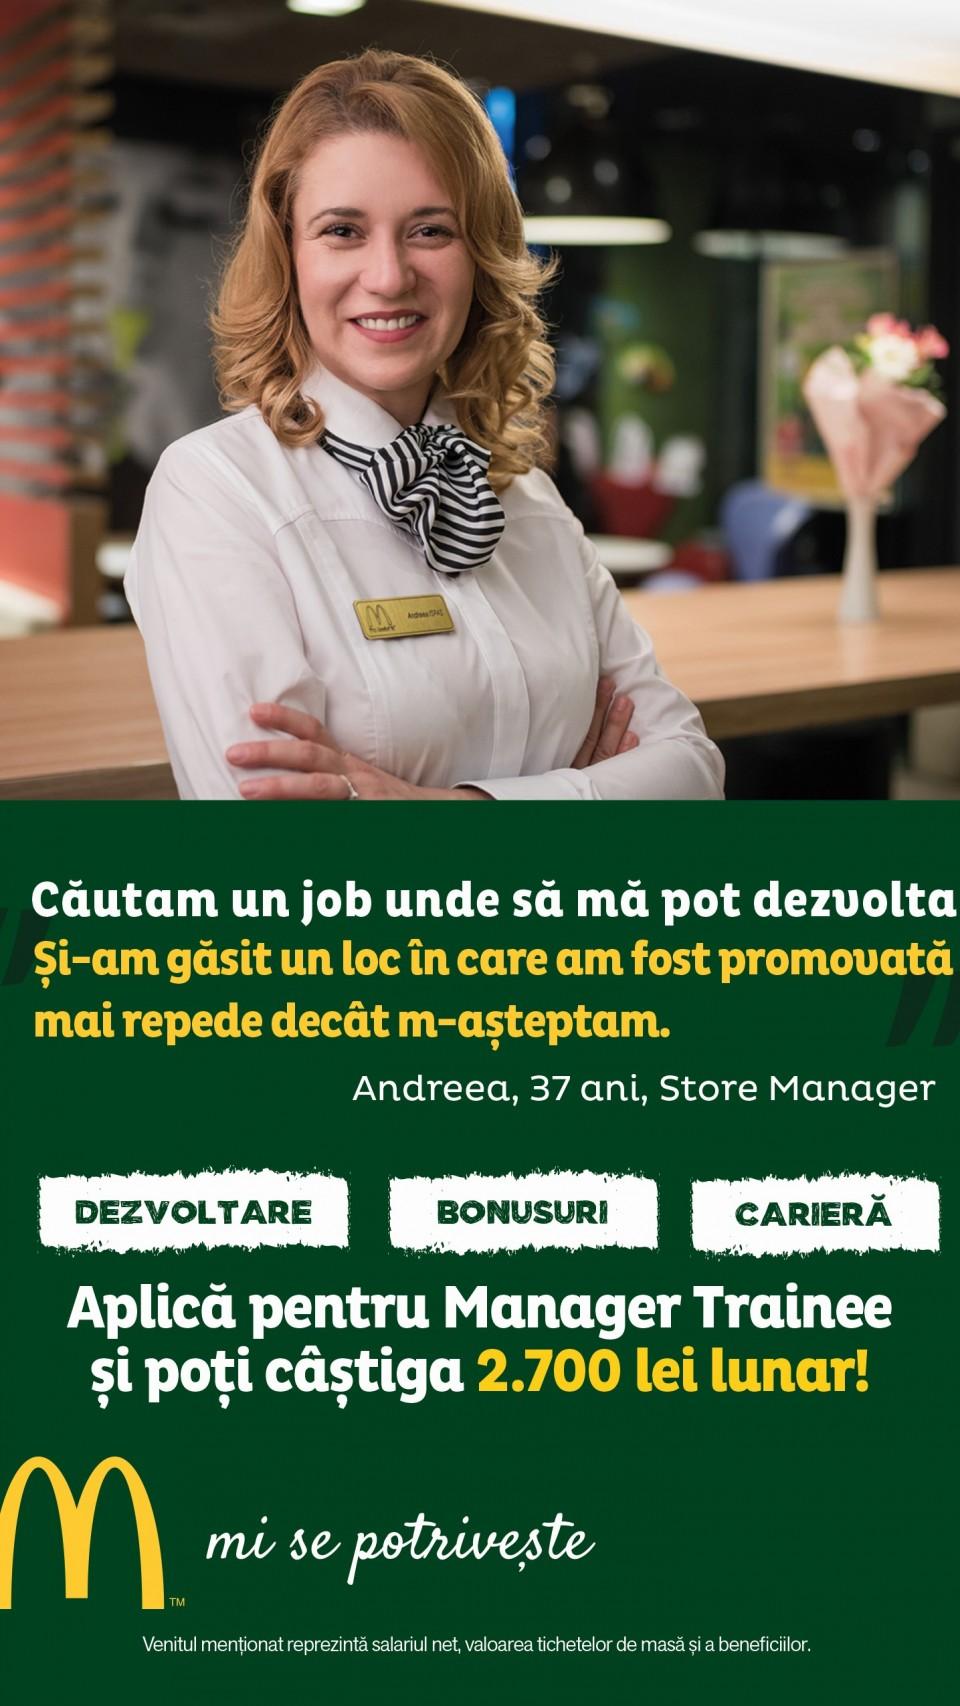 Slatina McDonald's manager McDonald's în RomâniaCei 5.000 de angajați ai McDonald's în România știu ce înseamnă puterea unui zâmbet.   Echipa McDonald's e formată din oameni muncitori, ambițioși, pentru care interacțiunea cu alți oameni este o bucurie. În fiecare zi, angajații McDonald's întâmpină peste 210.000 de clienți. Ne dorim să aducem în echipa noastră colegi dornici să învețe și să crească în cadrul unei echipe puternice și ambițioase.   McDonald's a deschis primul restaurant în România pe 16 iunie 1995, în Unirea Shopping Center din București. A fost primul pas în construirea unei povești de succes, care se dezvoltă în fiecare an.   În 2016, McDonald's în România a devenit Premier Restaurants România, ca urmare a parteneriatului pentru dezvoltare încheiat cu Premier Capital, compania malteză care coordonează operațiunile McDonald's din șase țări europene: Estonia, Grecia, Letonia, Lituania, Malta și România.  Astăzi, McDonald's are 78 de restaurante în 23 de orașe din România și este liderul pieței de restaurante cu servire rapidă. În același timp, lanțul McCafé, are în prezent 33 de cafenele în România și crește de la an la an.    http://mcdonalds.ro